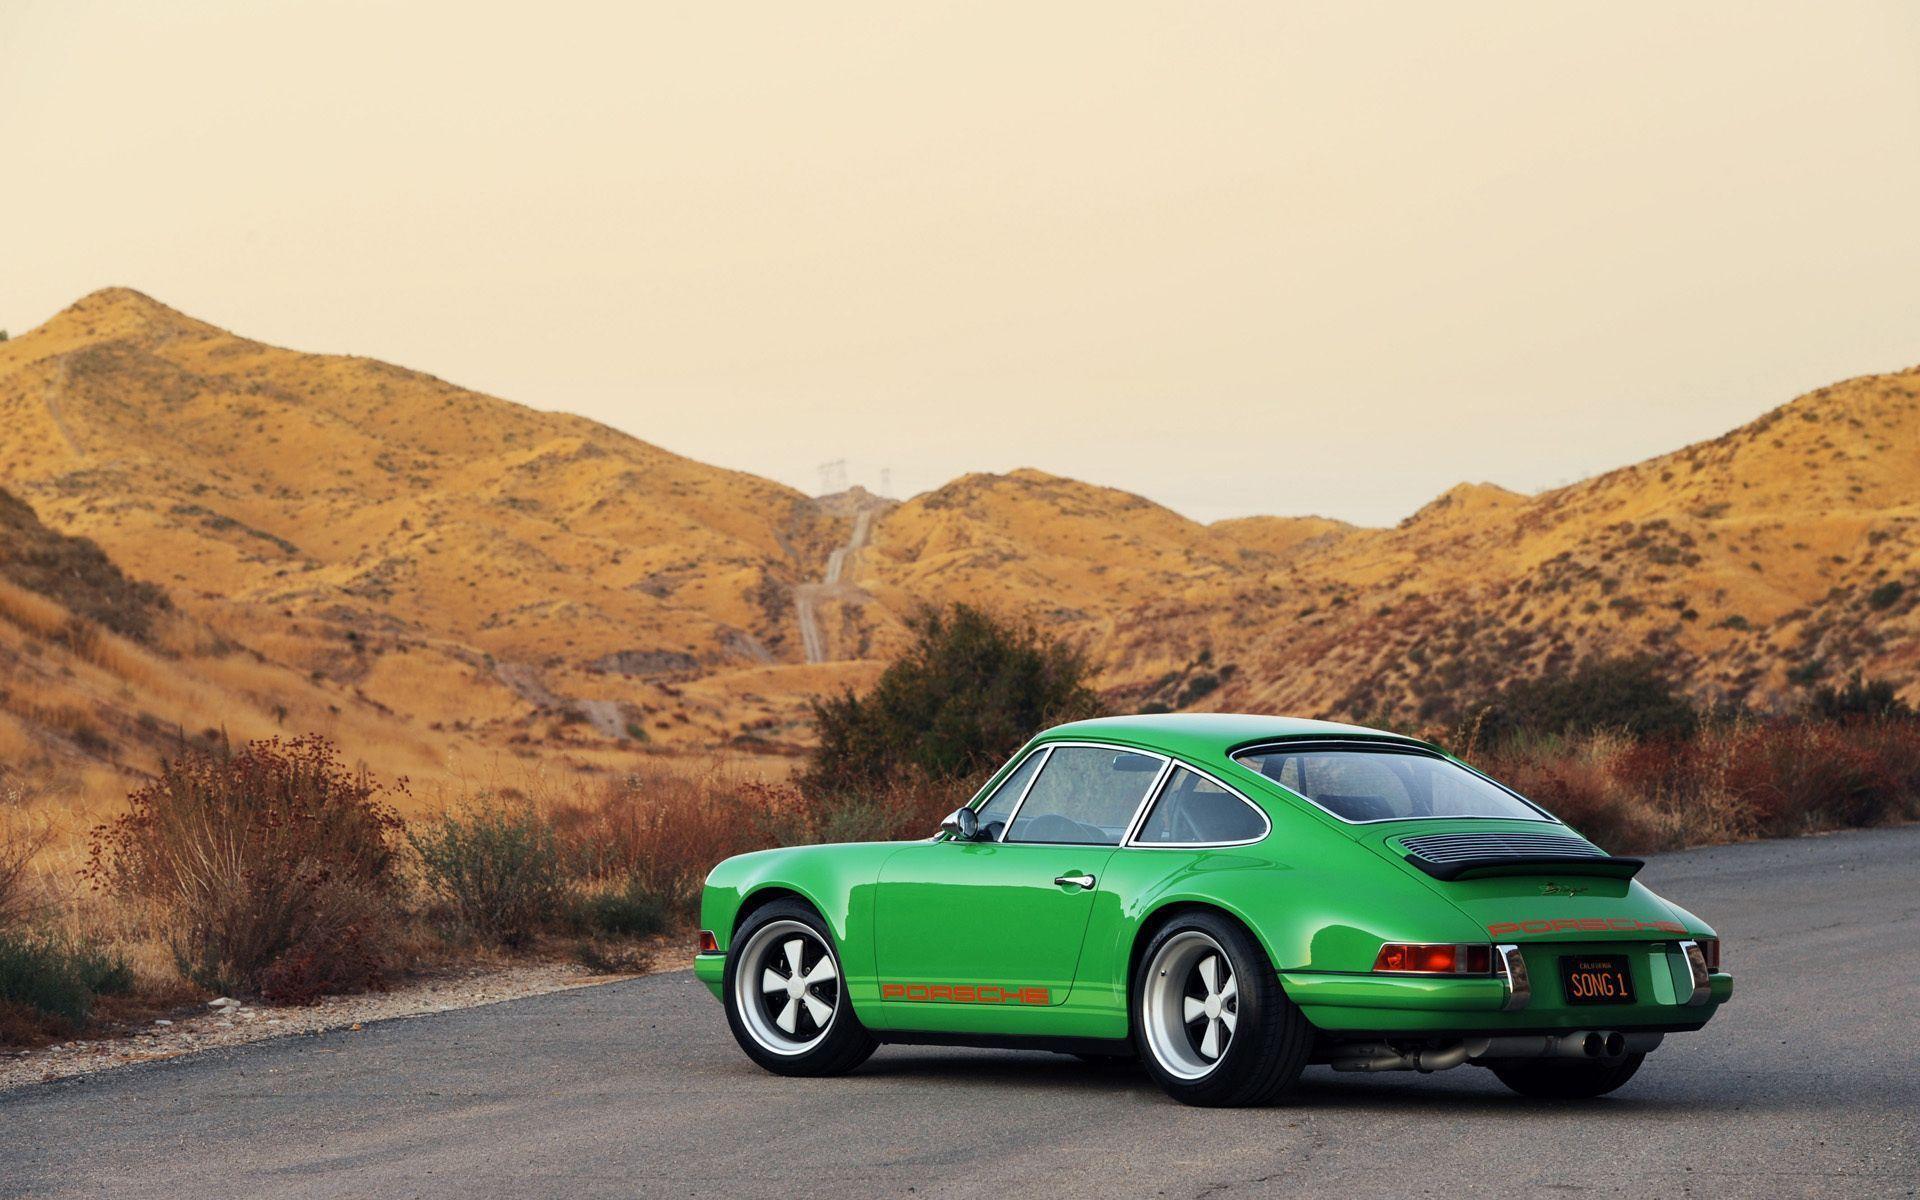 Porsche Wallpapers 1920x1200